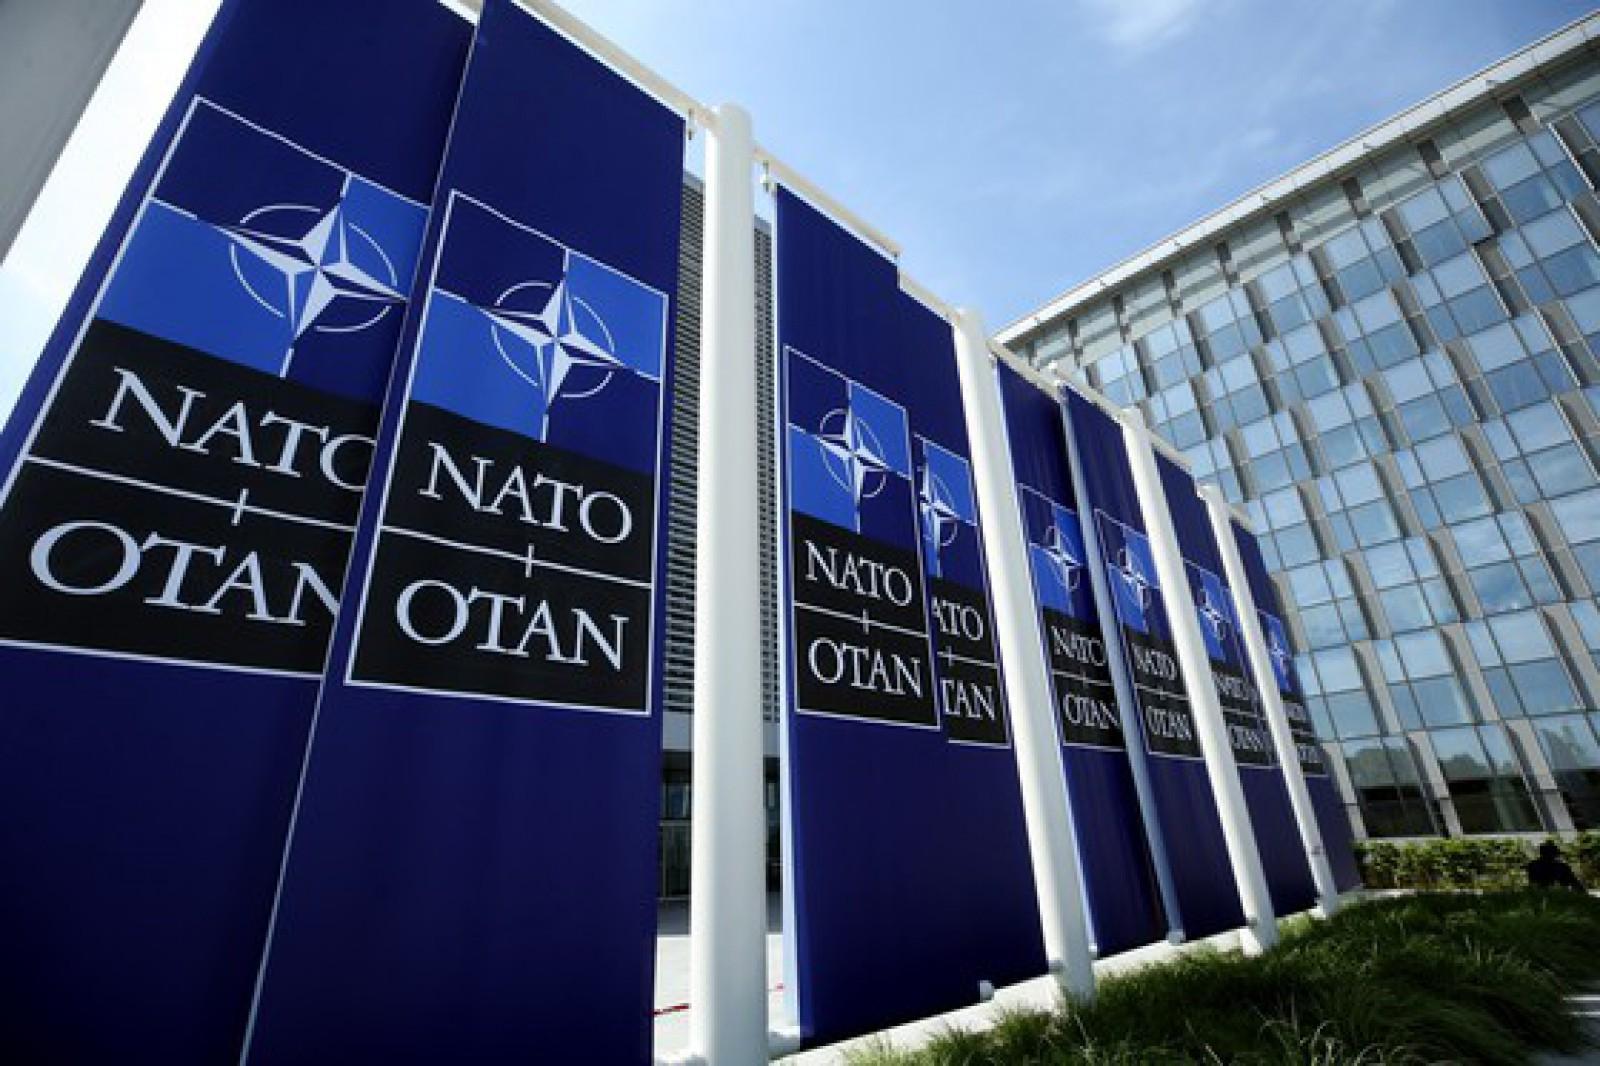 Rusia consideră că activitatea NATO în statele baltice reprezintă un risc la adresa securităţii